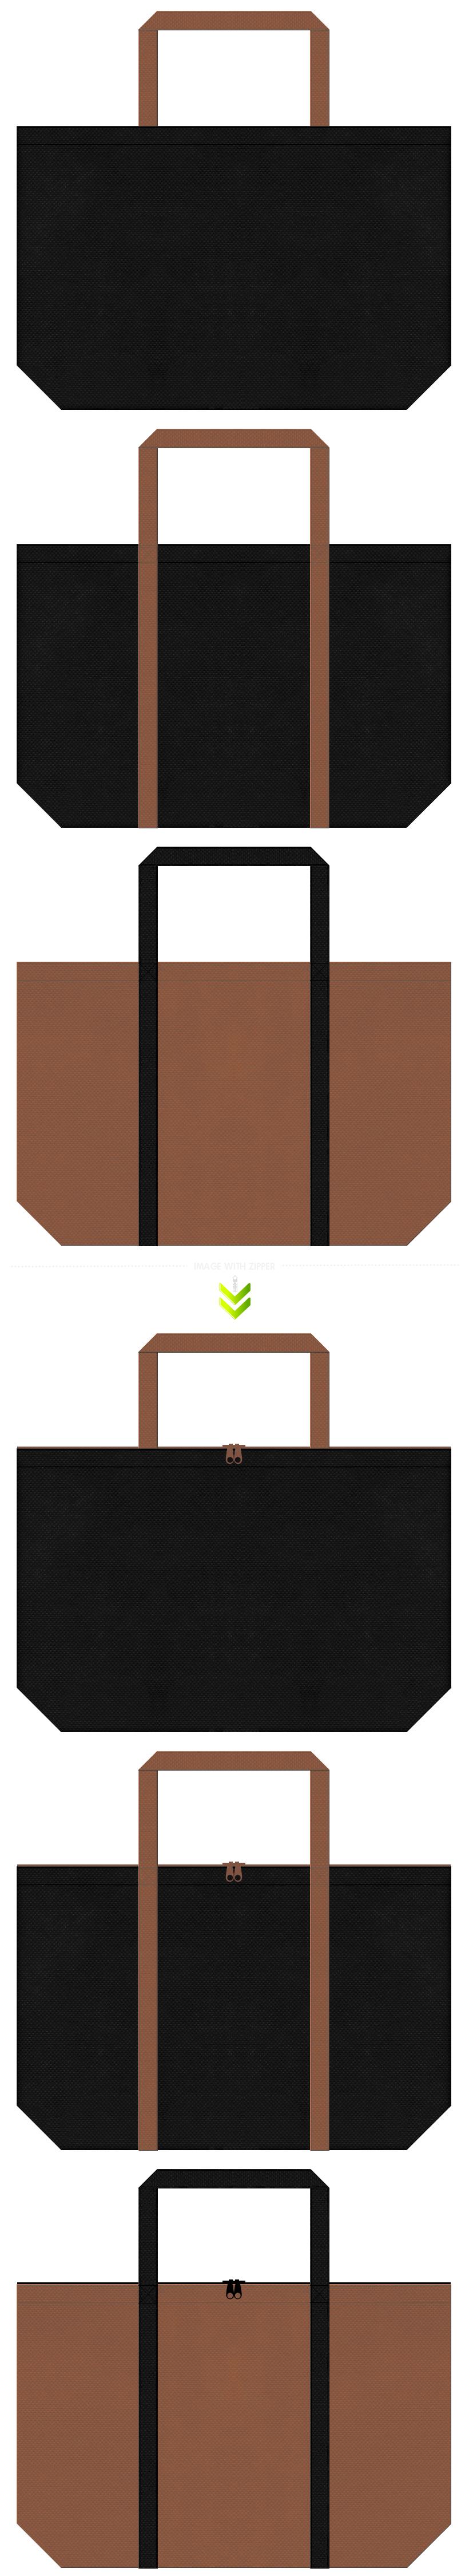 黒色と茶色の不織布エコバッグのデザイン。